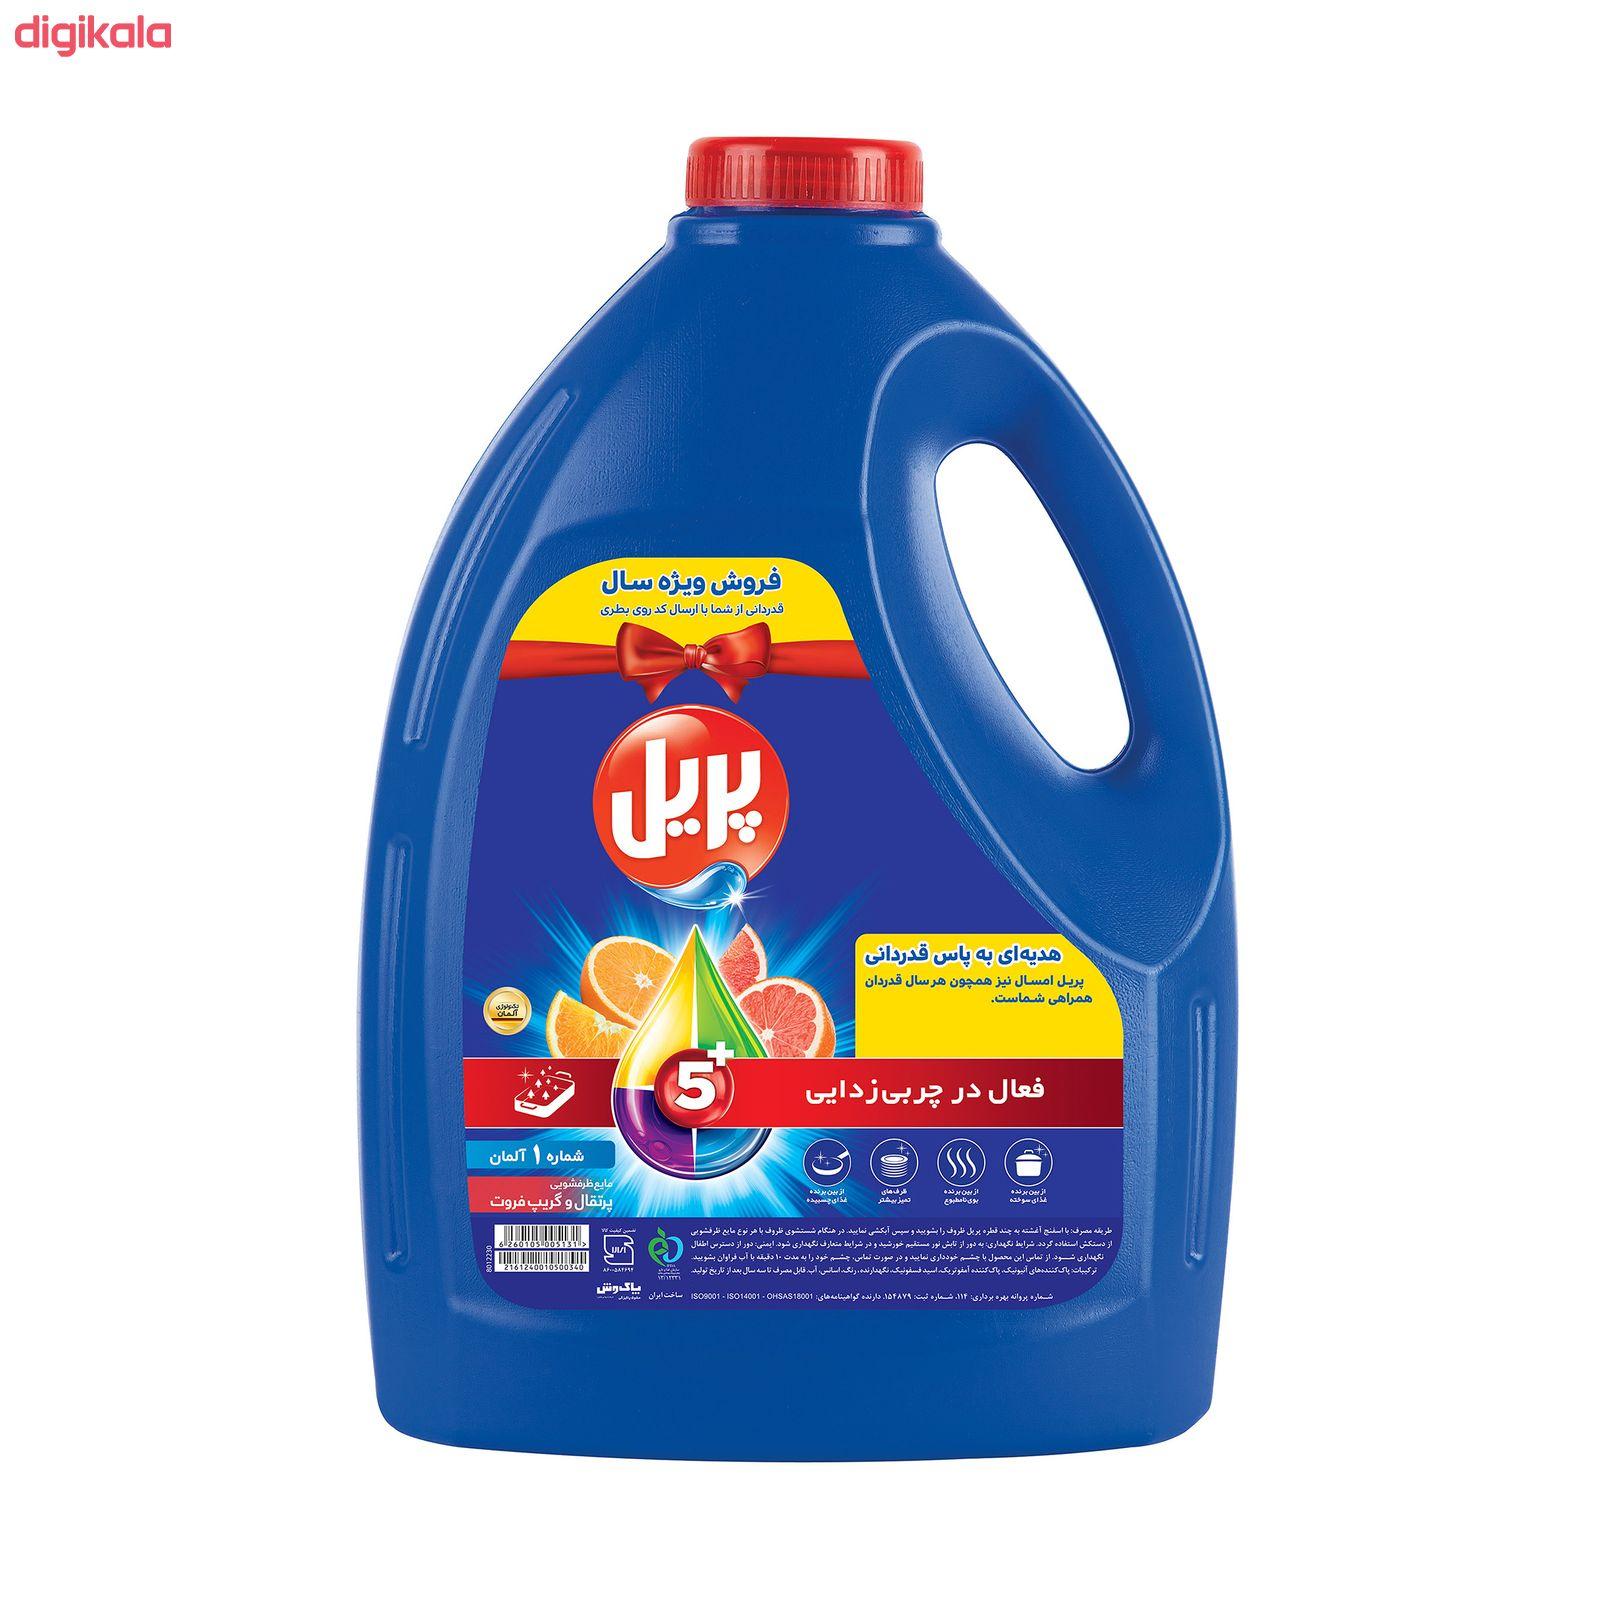 مایع ظرفشویی پریل با رایحه پرتقال و گریپ فروت وزن 3.75 کیلوگرم  main 1 1